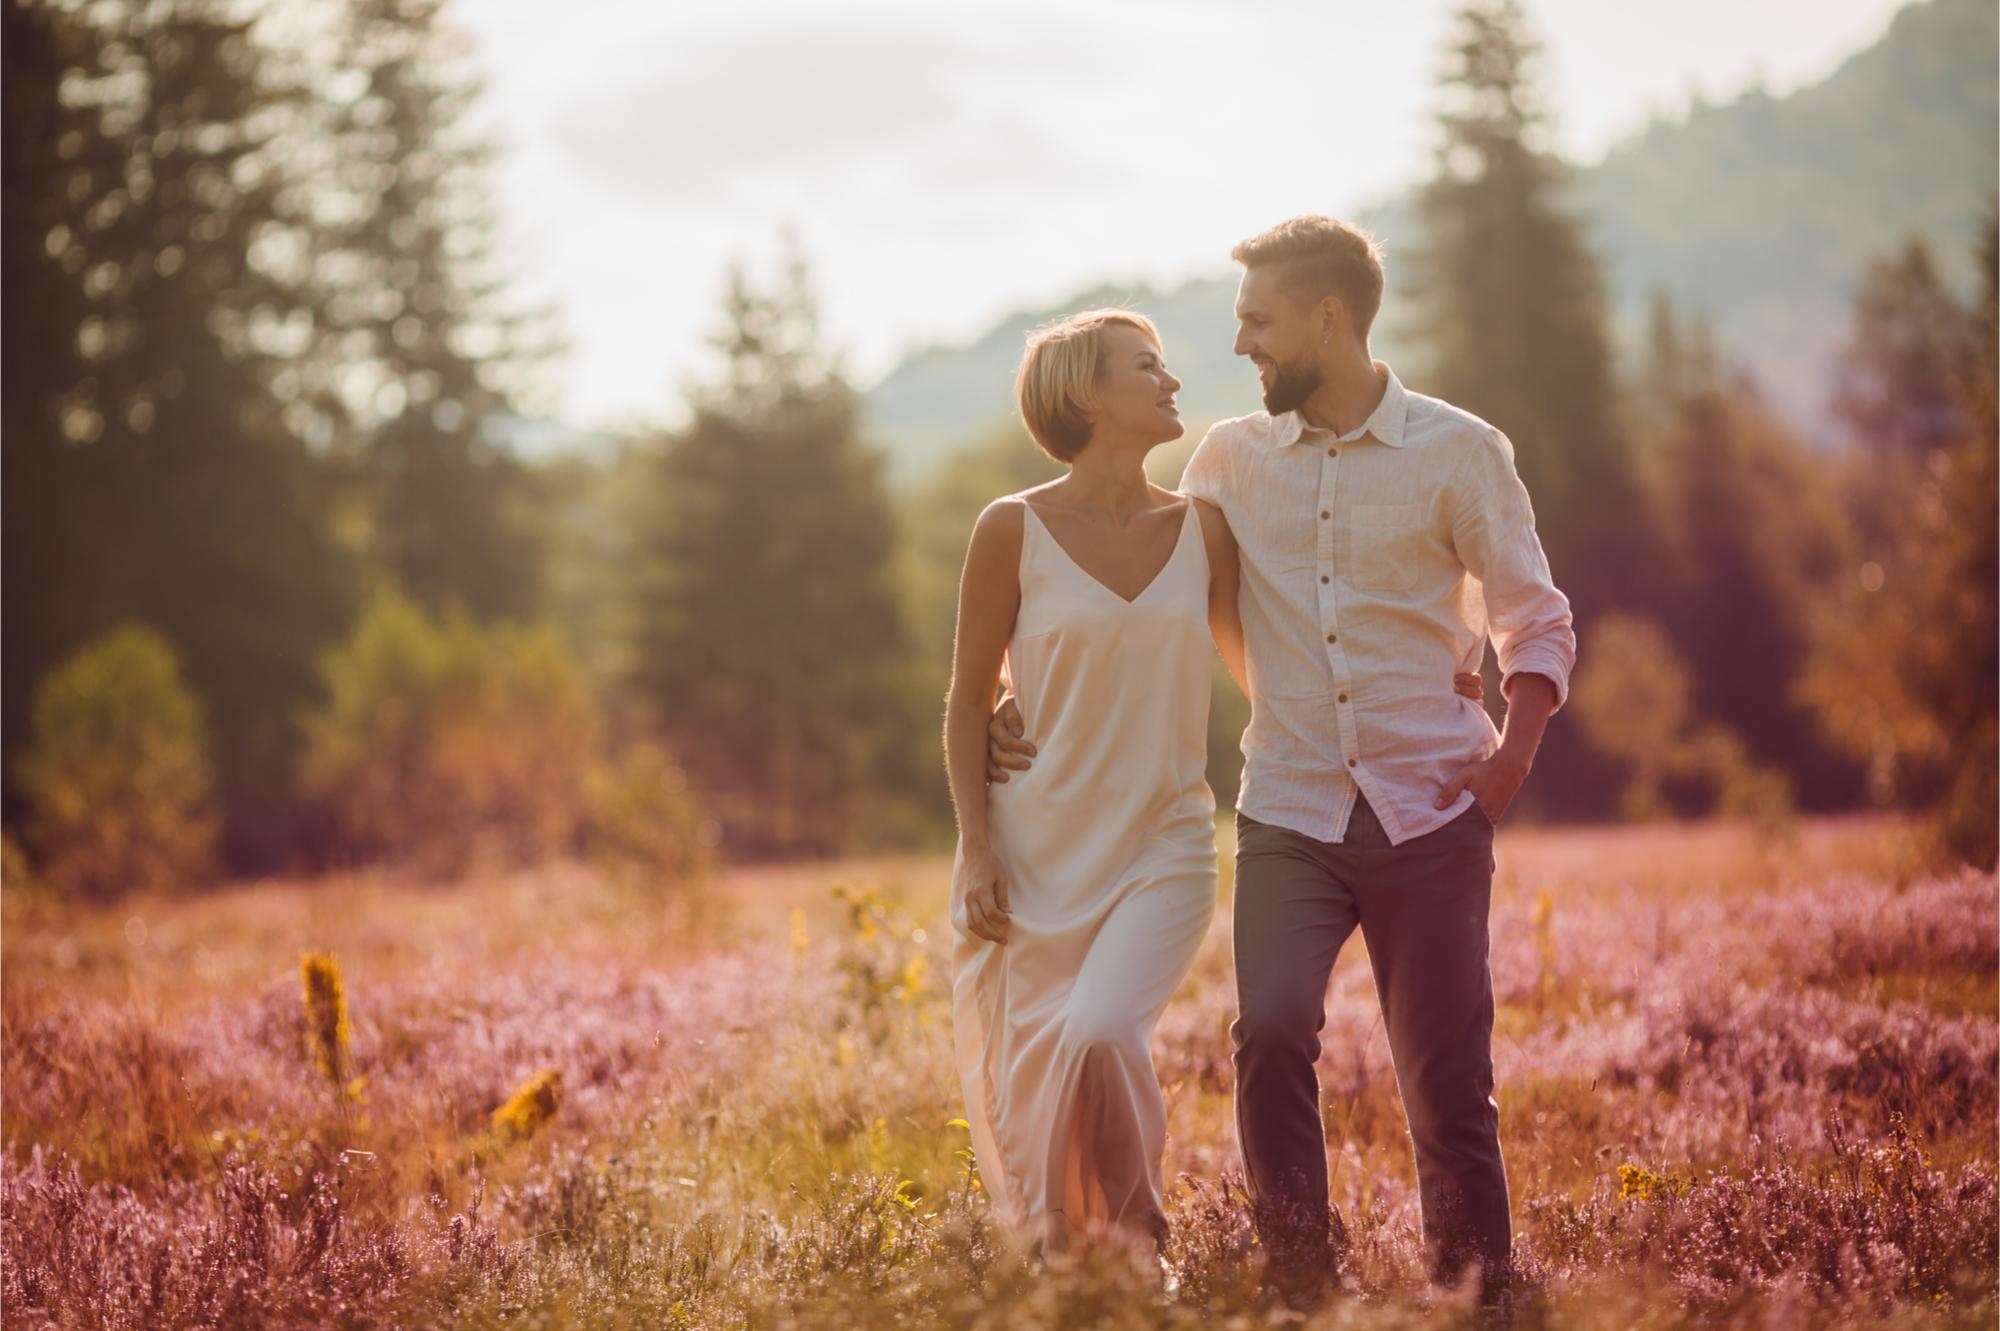 A kritikus 7. év - Véget ér a párkapcsolatod? | Femcafe